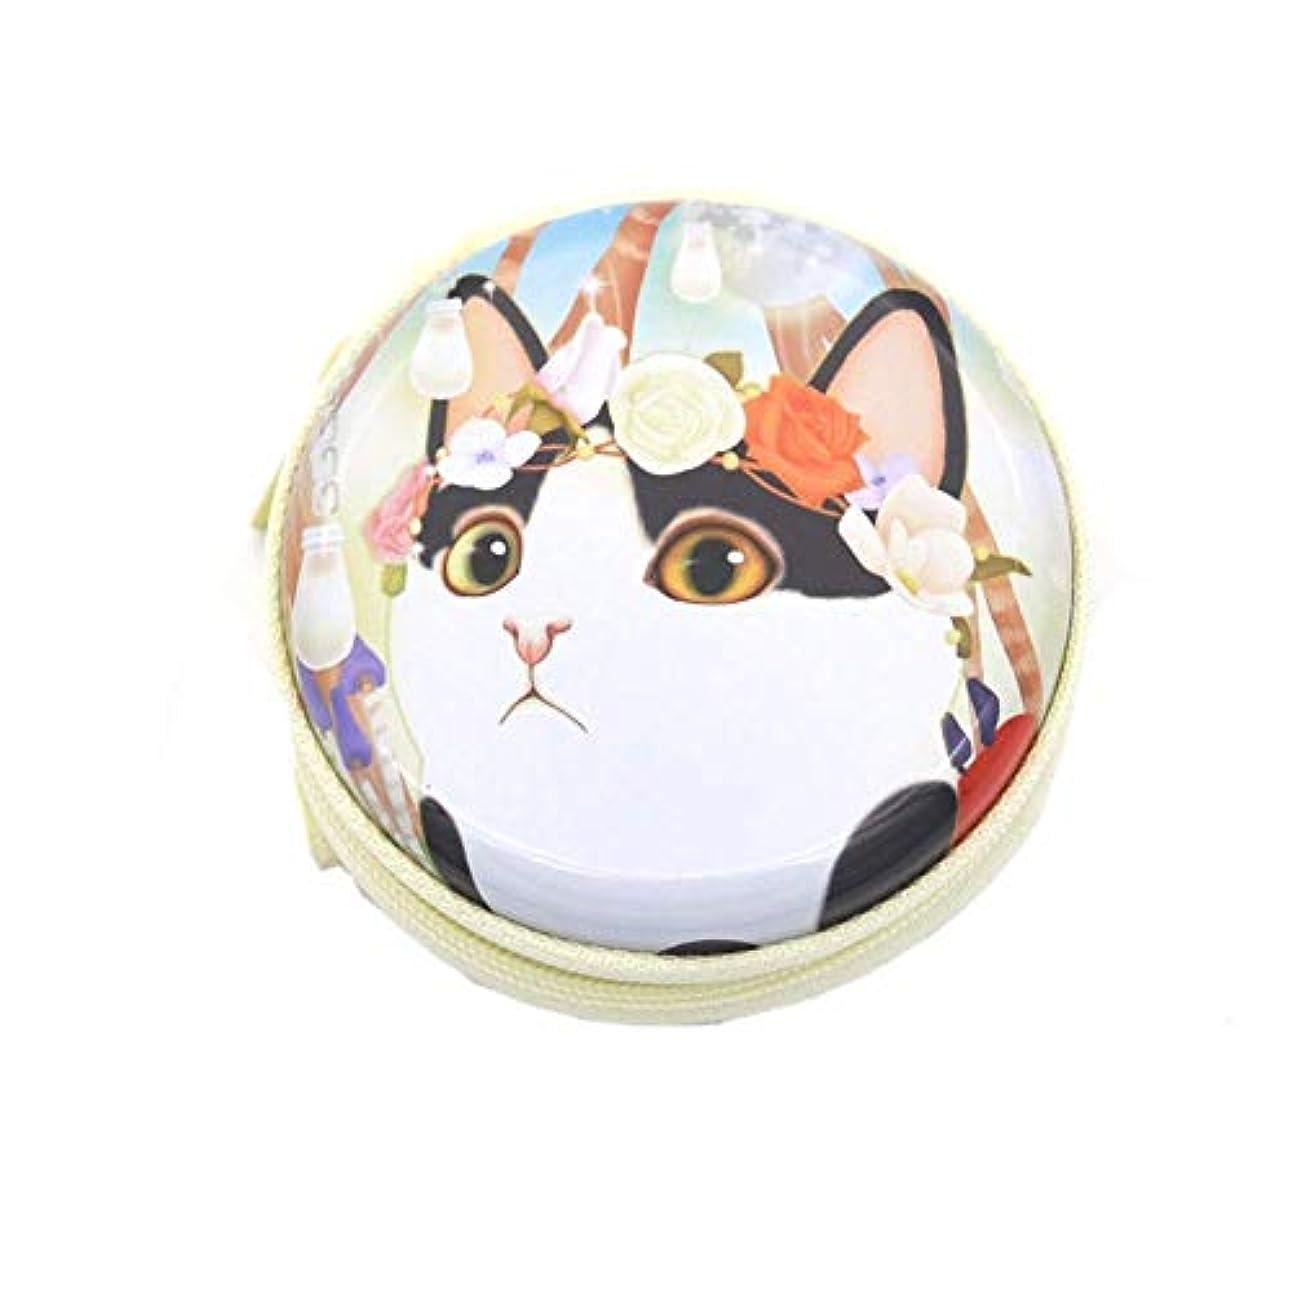 ドメイン疑わしいメインChinashow エッセンシャル オイル キャリング ケース - かわいい 猫 プリント エッセンシャル オイル スモール ストレージ オーガナイザー フォーム インサート と 7本 ボトル付き(2ml) ピンク